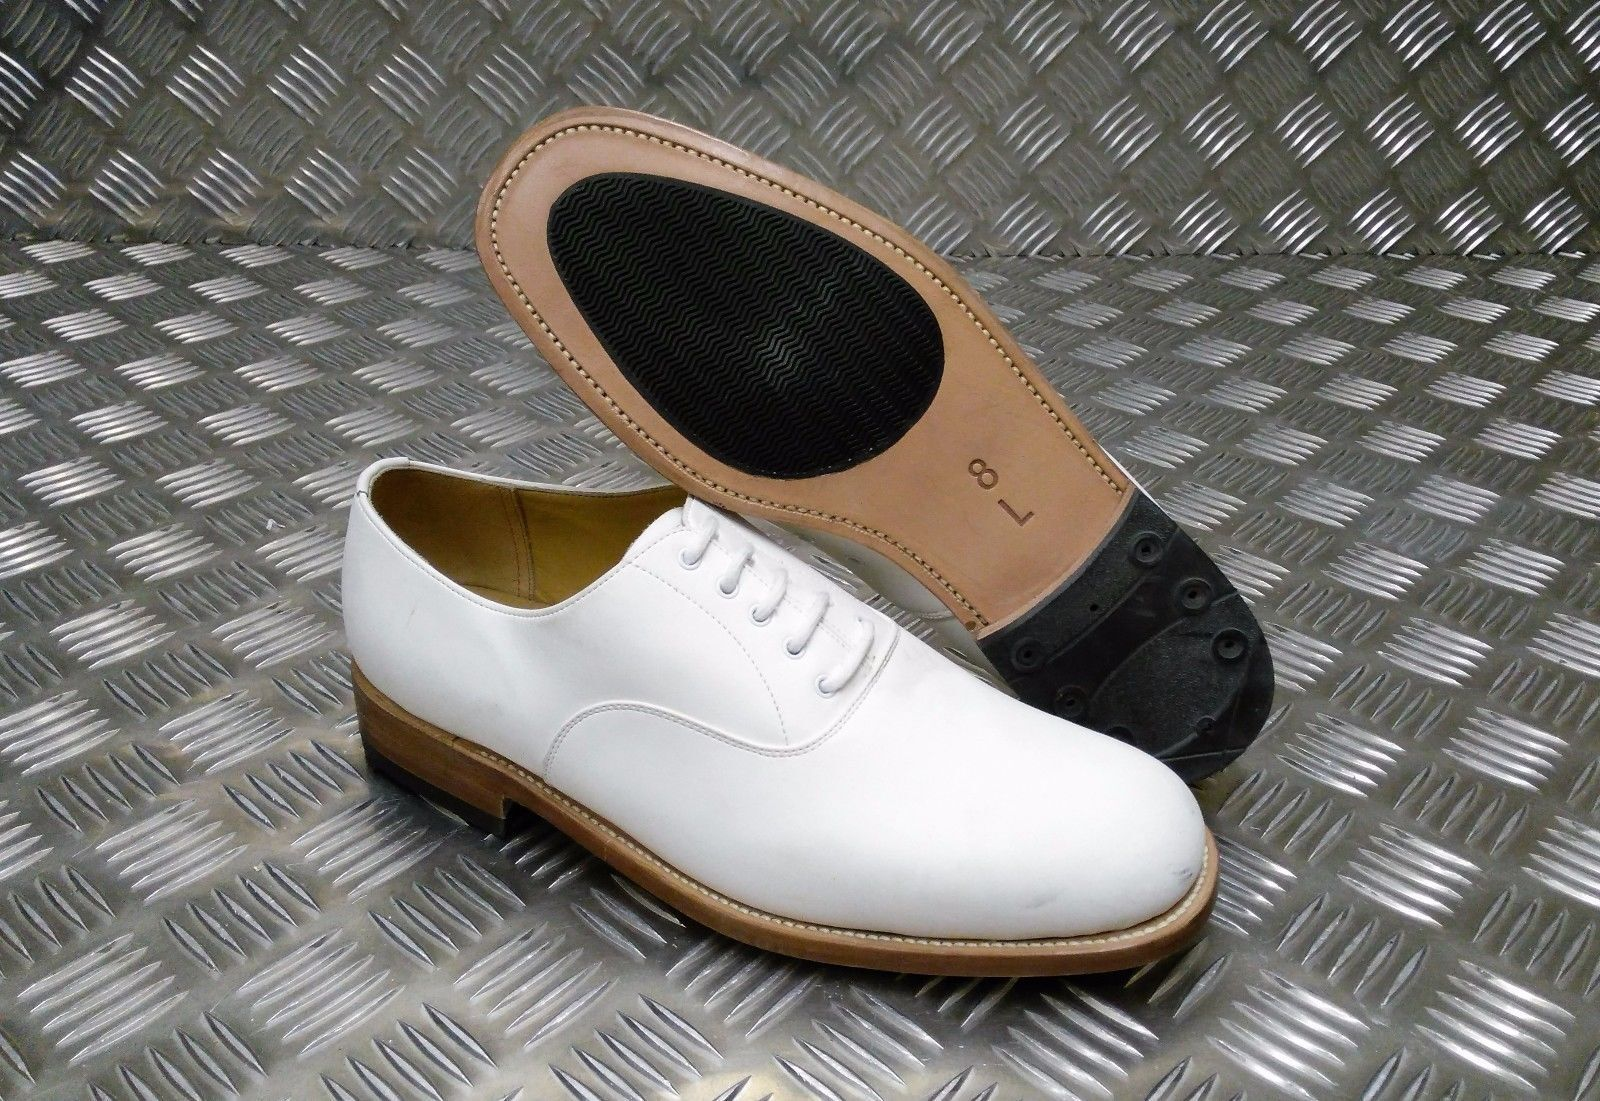 Echt British Navy Weißes Leder Parade/Formelle Schuhe Damen/Herren SEL